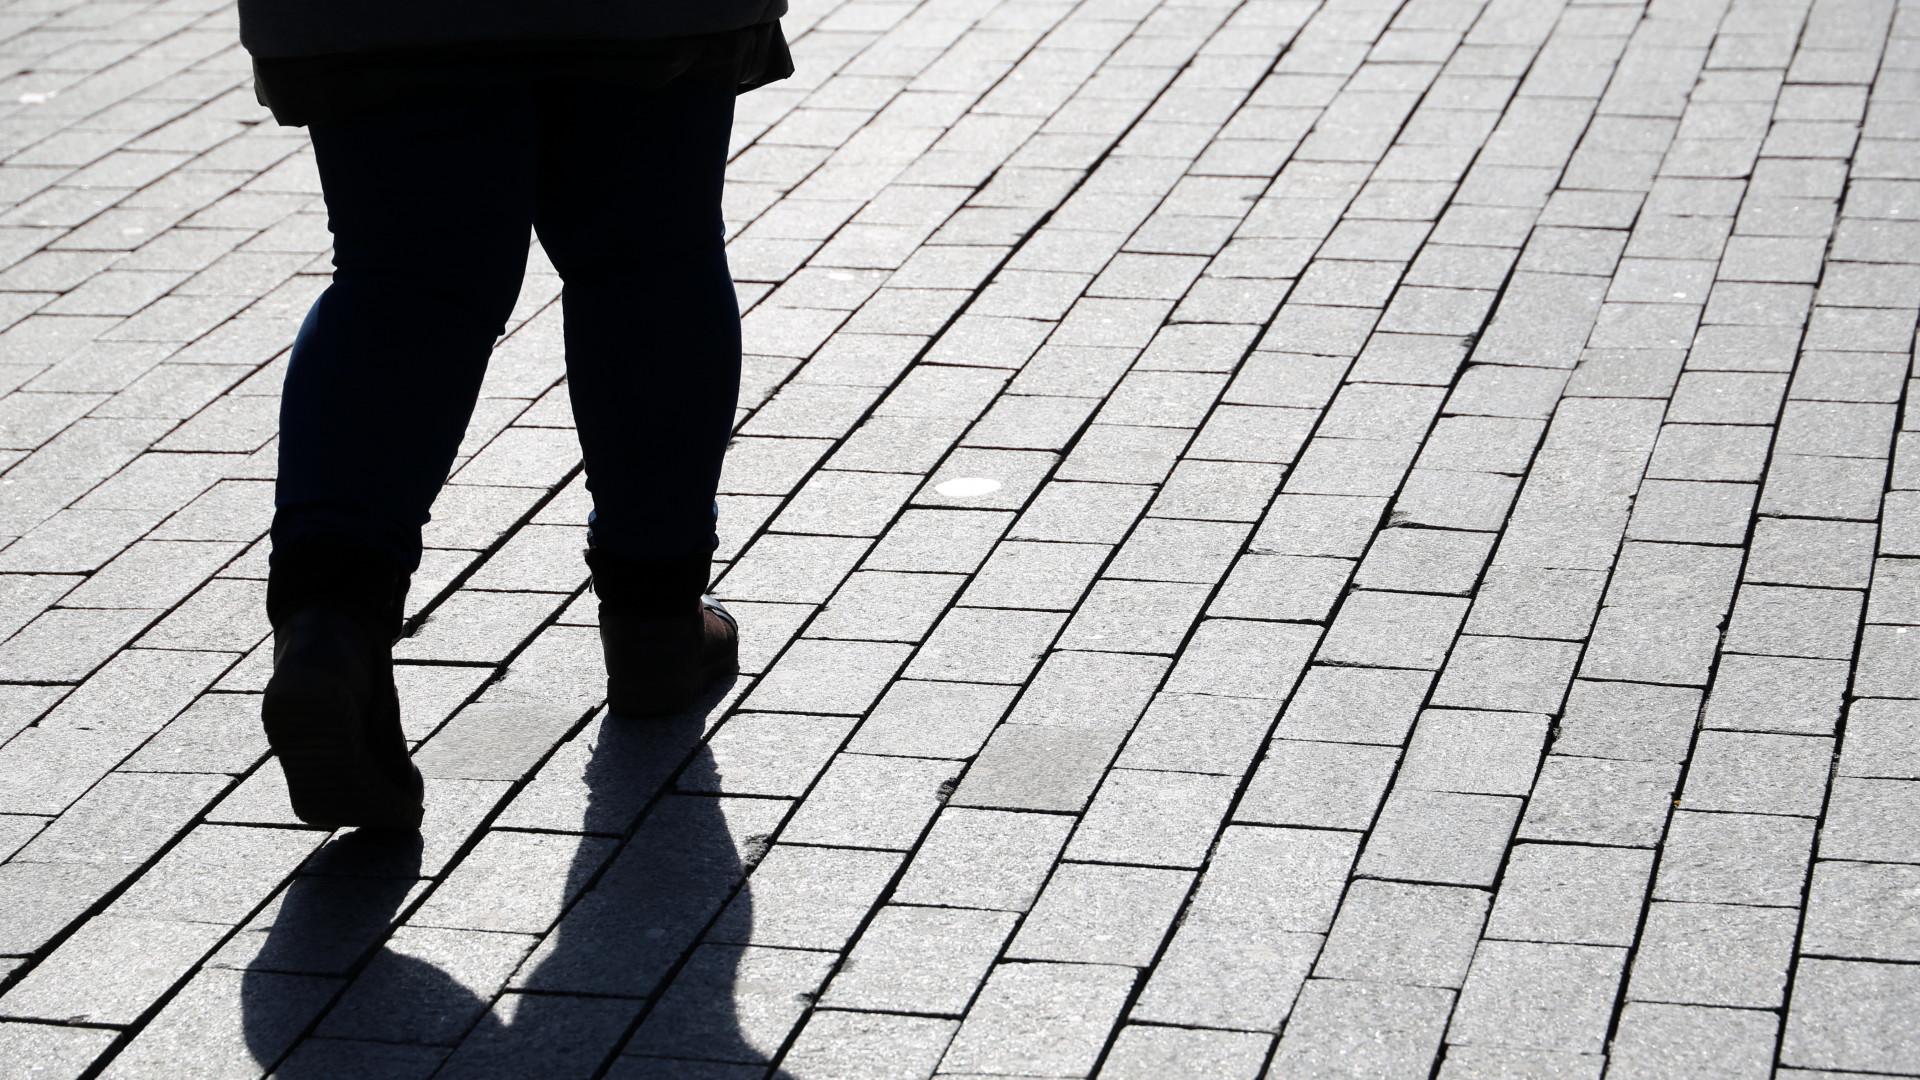 Izraeli kutatás: nagyon kevesen kapnak szívizomgyulladást az oltástól, érdekes eredményt közöltek a túlsúlyosakról